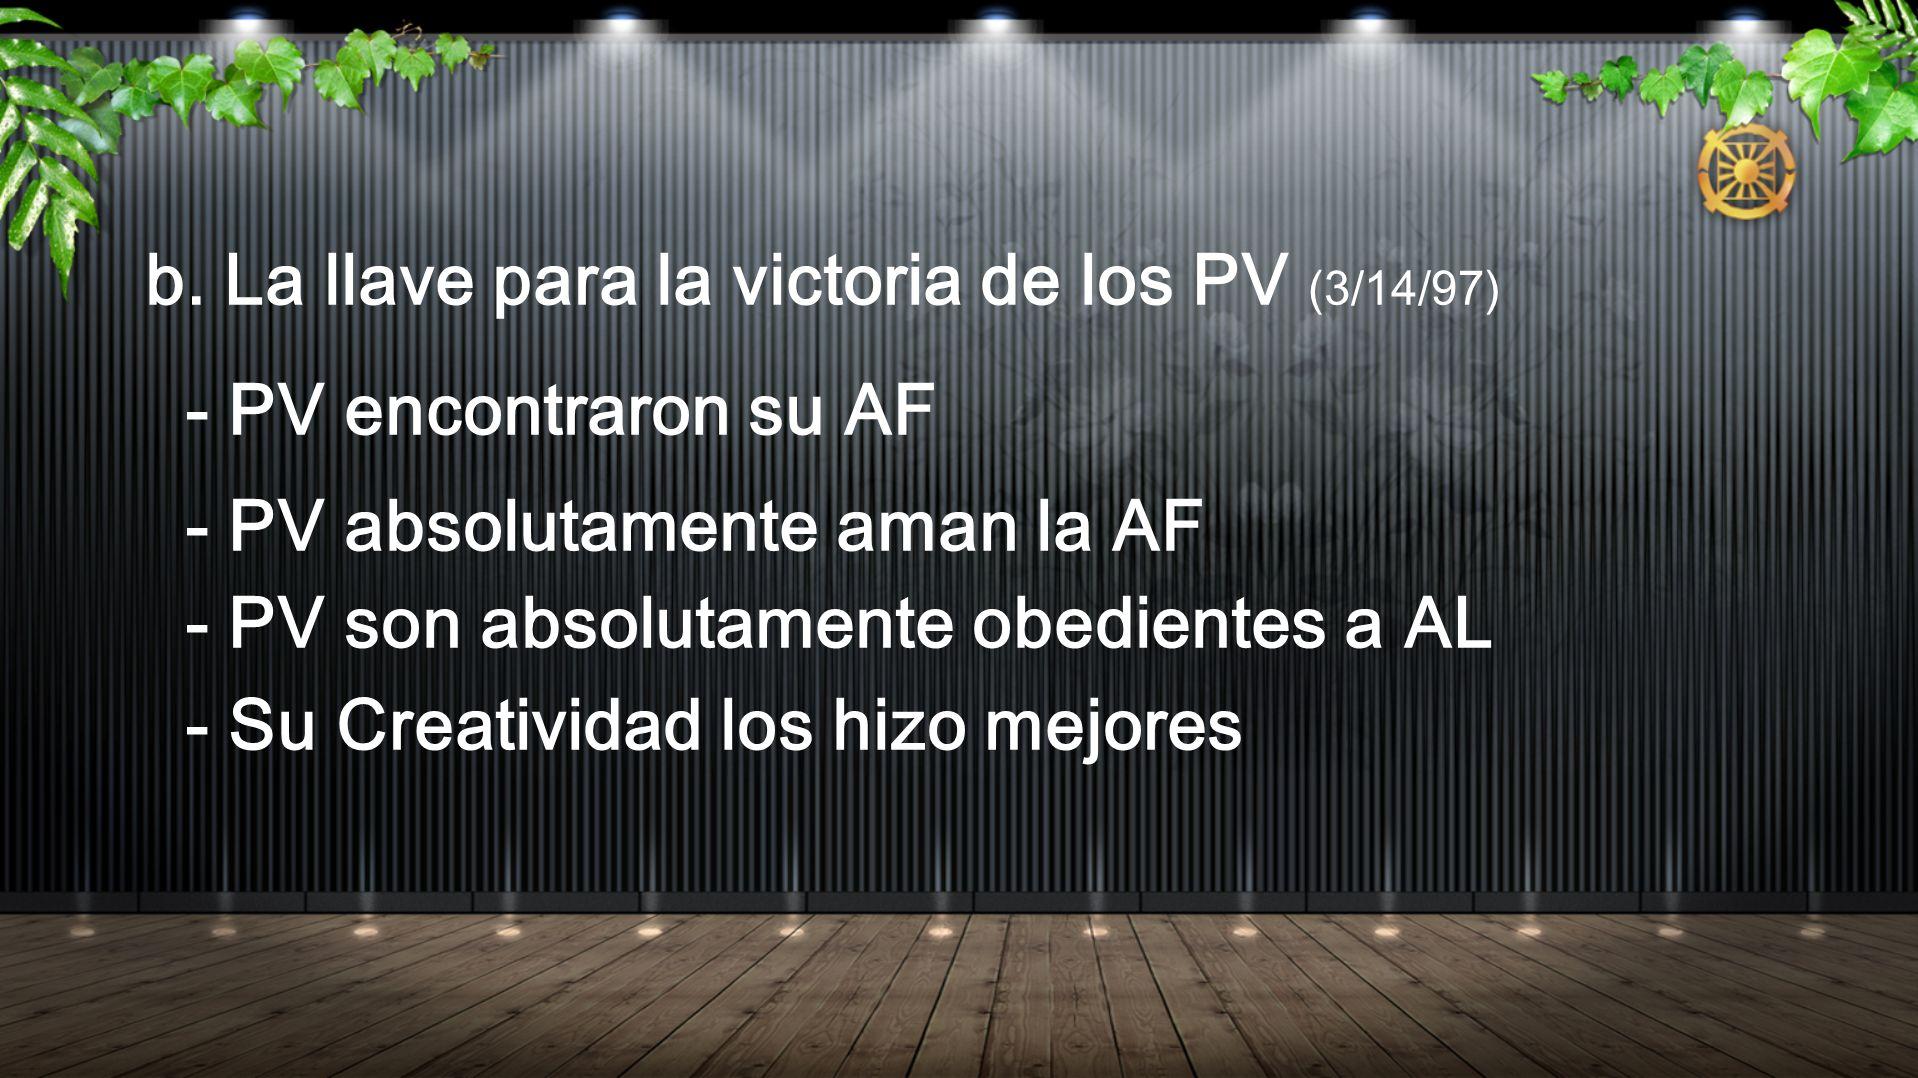 b. La llave para la victoria de los PV (3/14/97) - PV encontraron su AF - PV absolutamente aman la AF - PV son absolutamente obedientes a AL - Su Crea